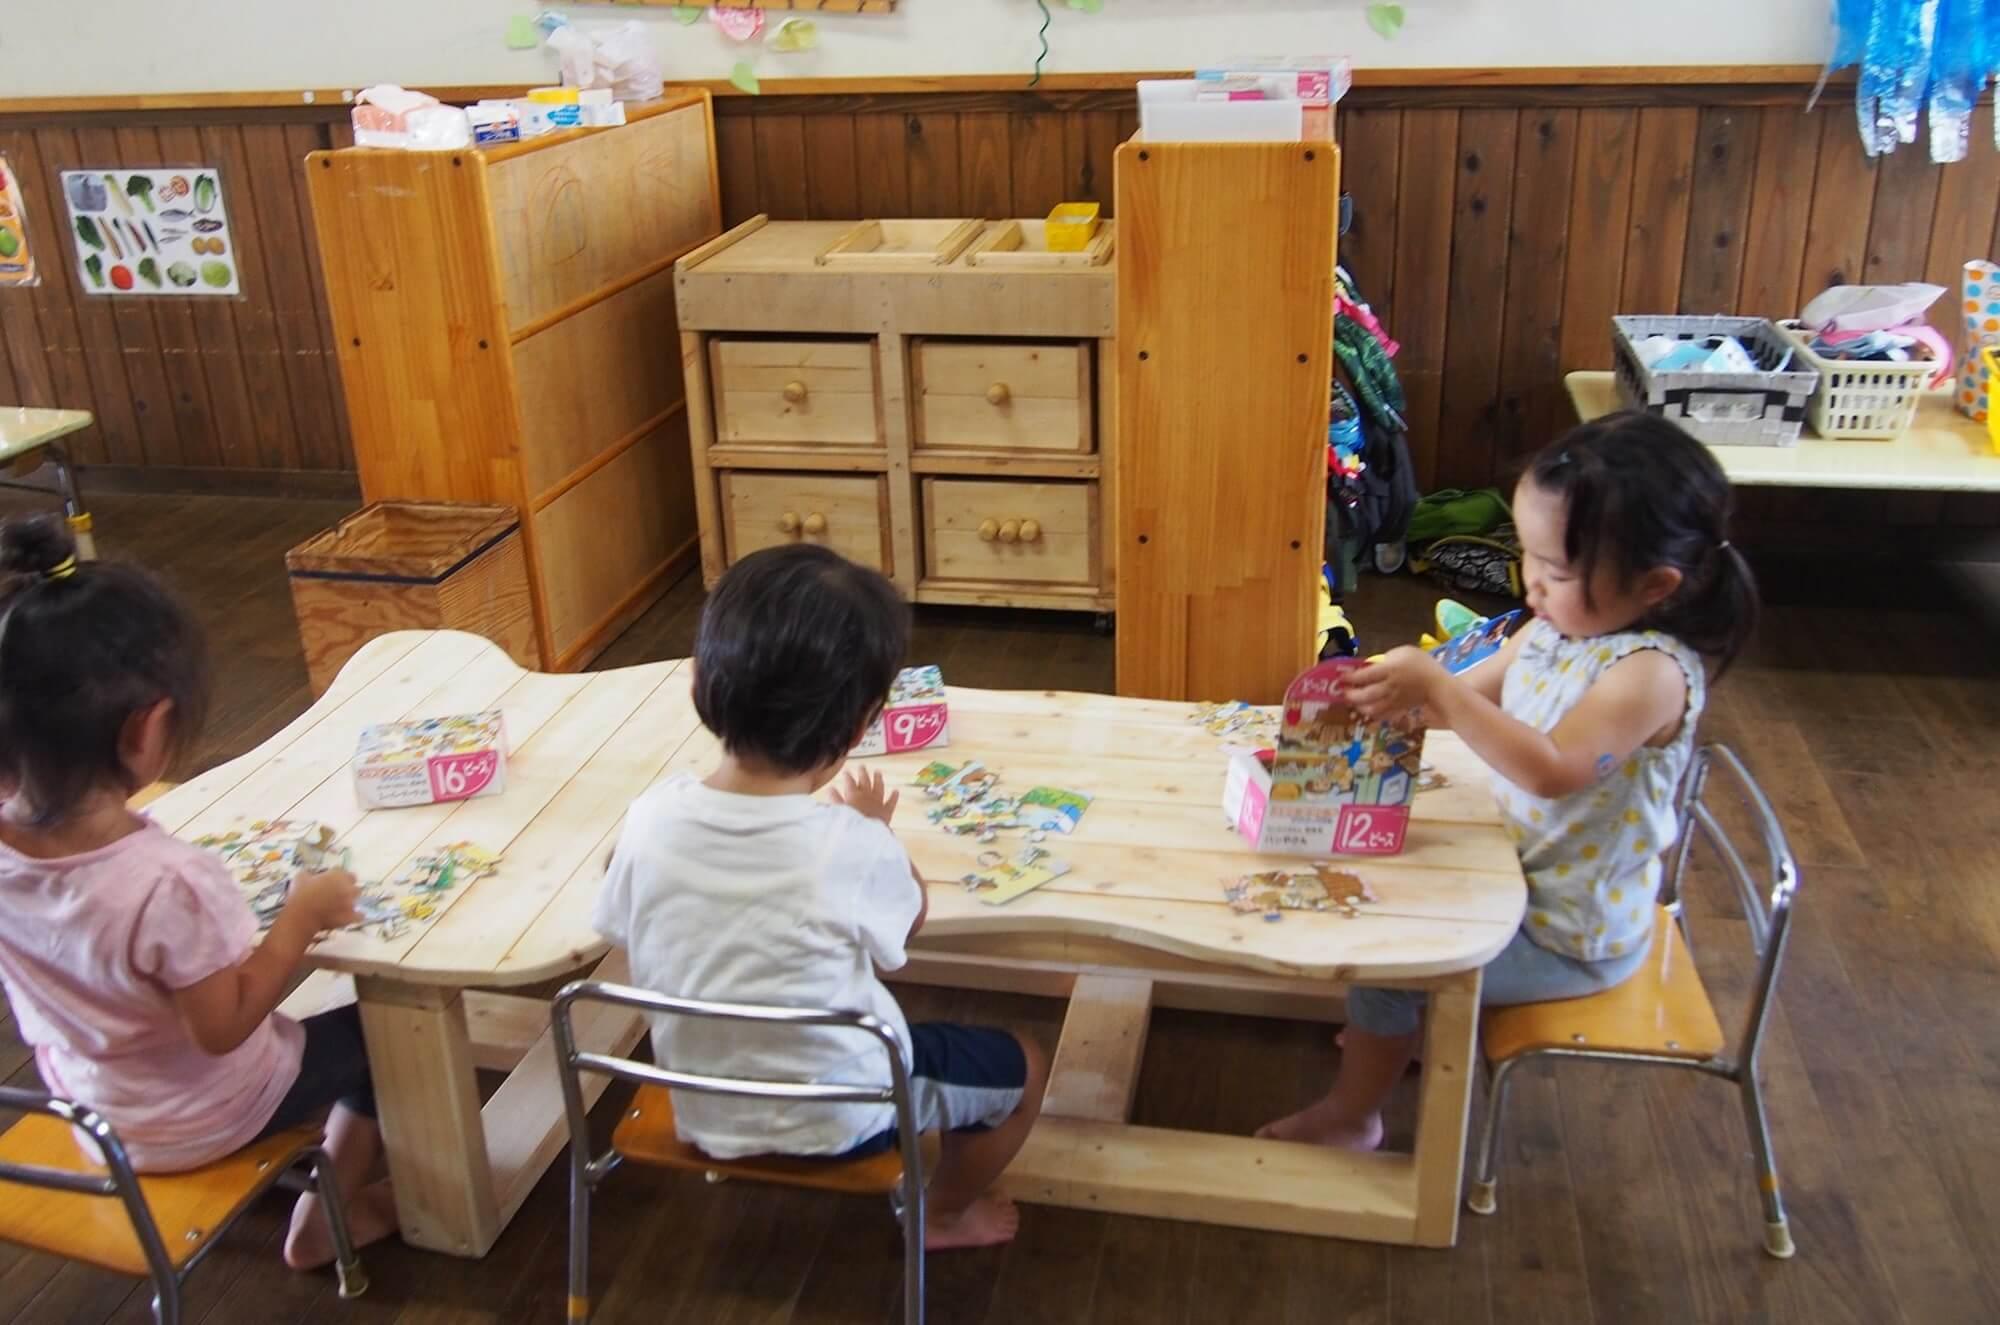 2・3歳児用の作業机は角を丸くし、作業台の高さも低く。